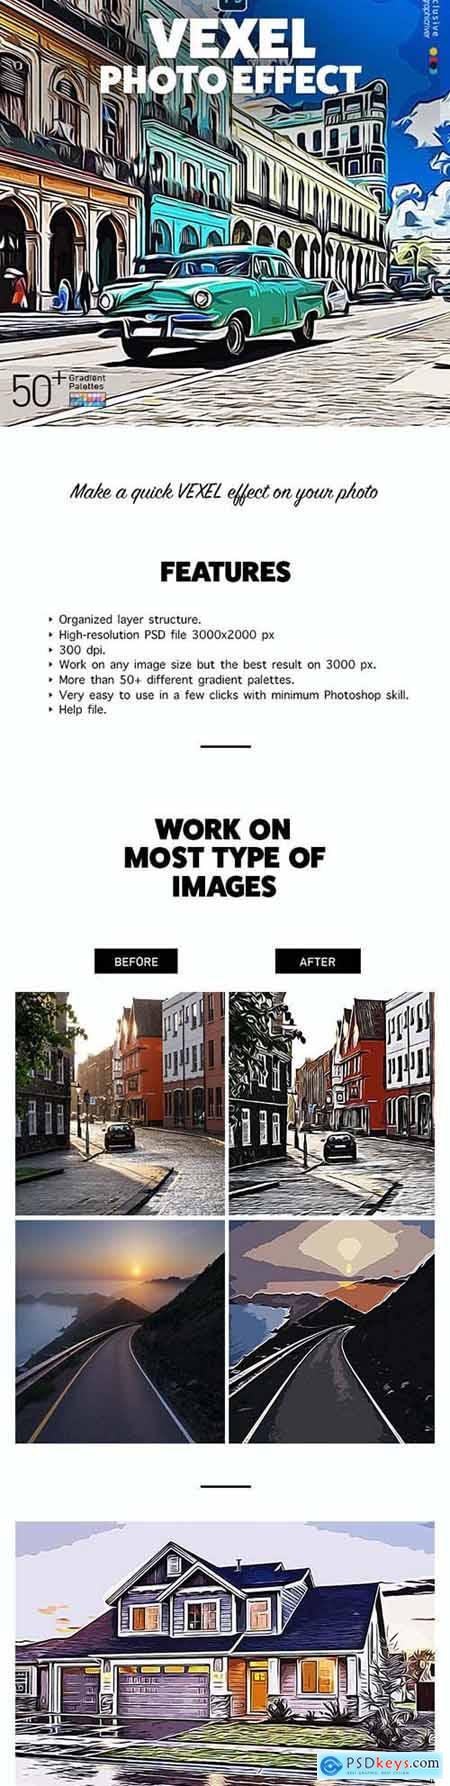 Vexel Photo Effect 31523476